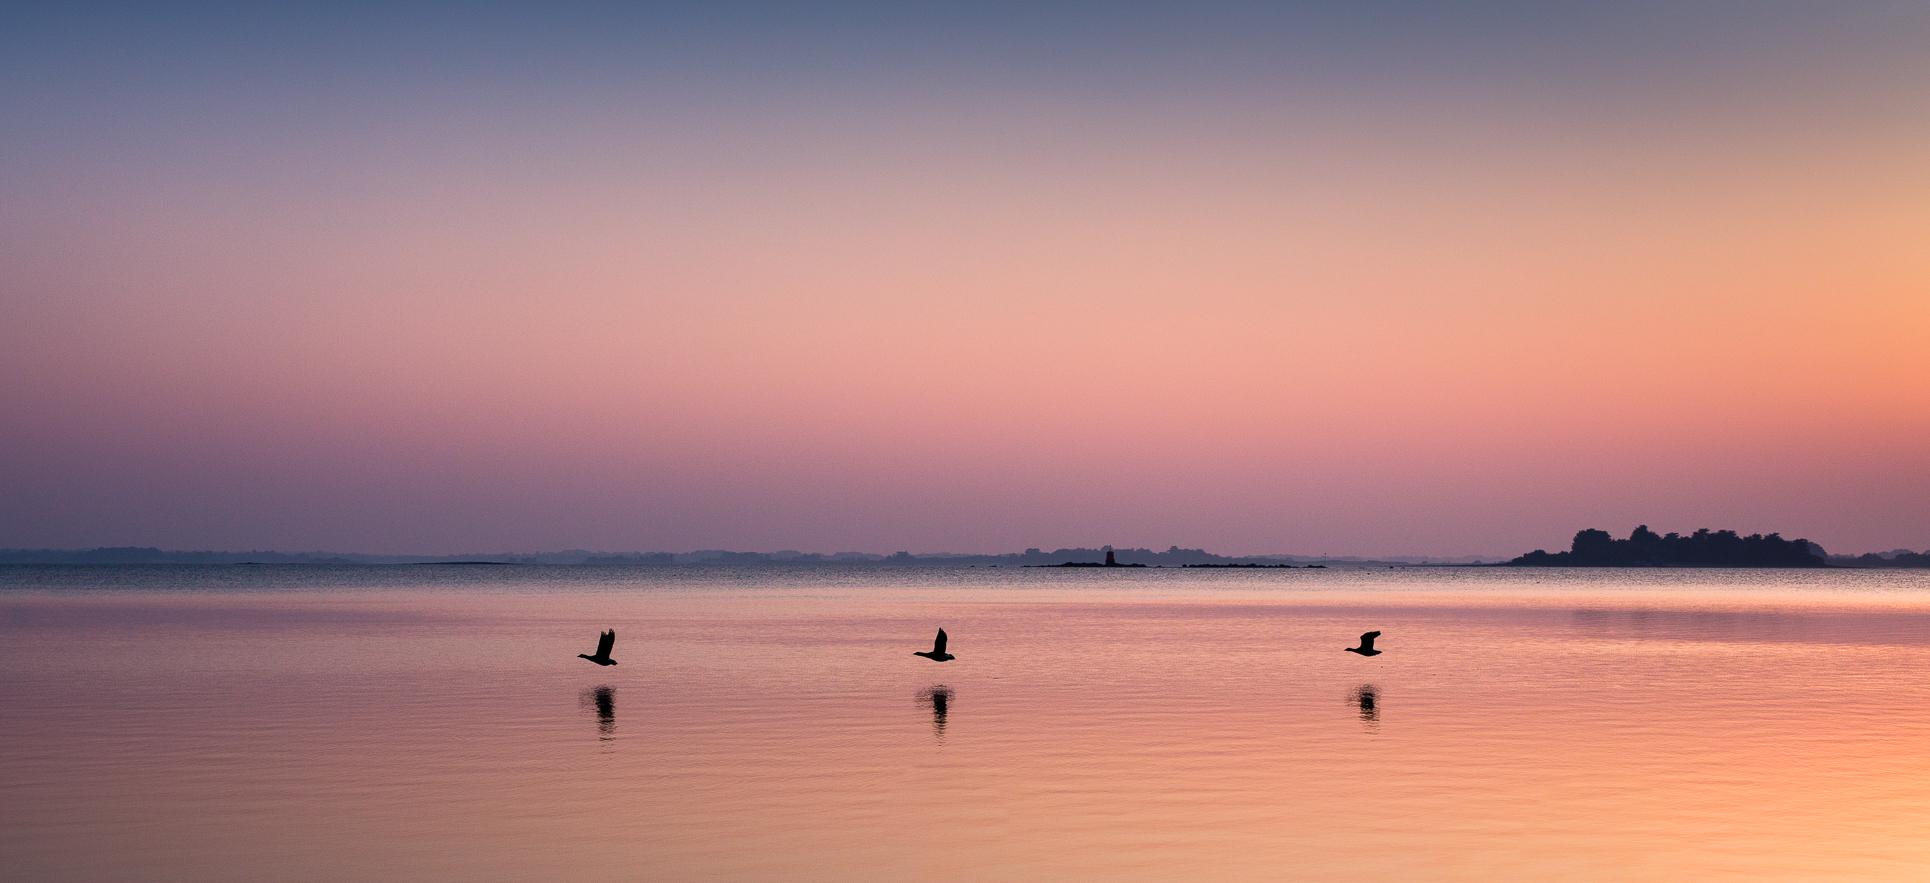 Séné – Golfe du Morbihan – 2018 @ Christelle Hachet Photographie